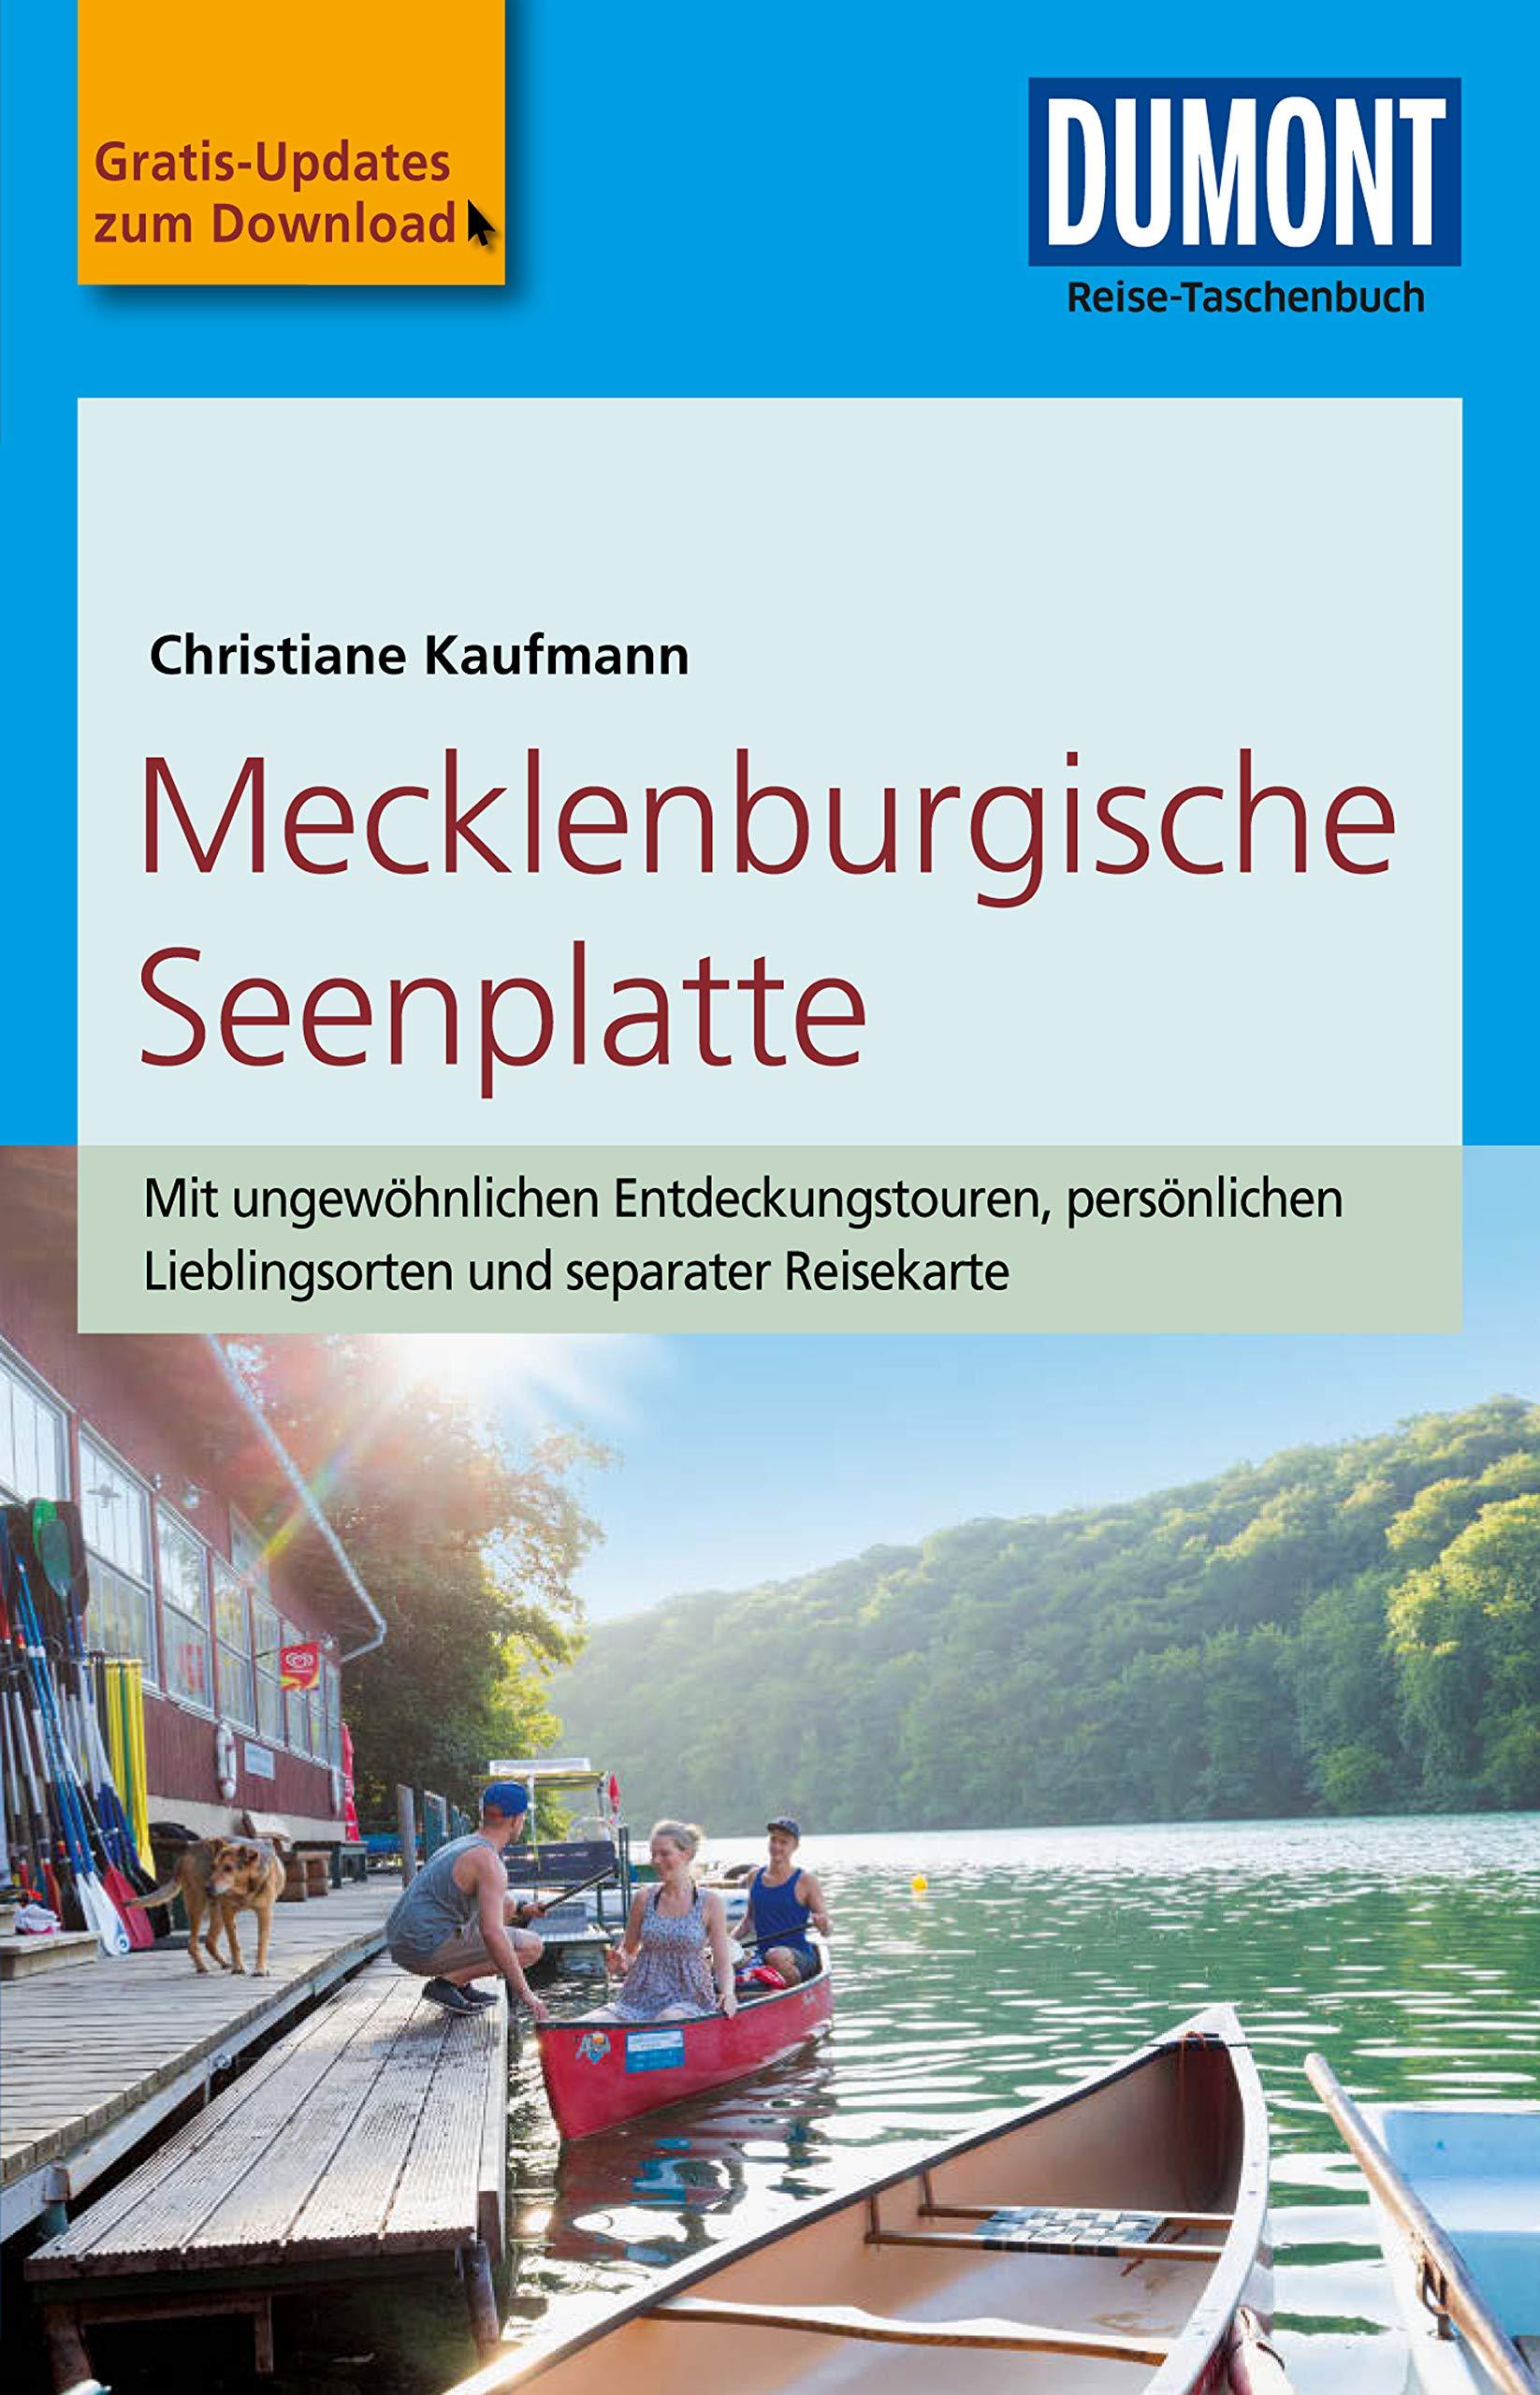 DuMont Reise-Taschenbuch Reiseführer Mecklenburgische Seenplatte: mit Online Updates als Gratis-Download (DuMont Reise-Taschenbuch E-Book)